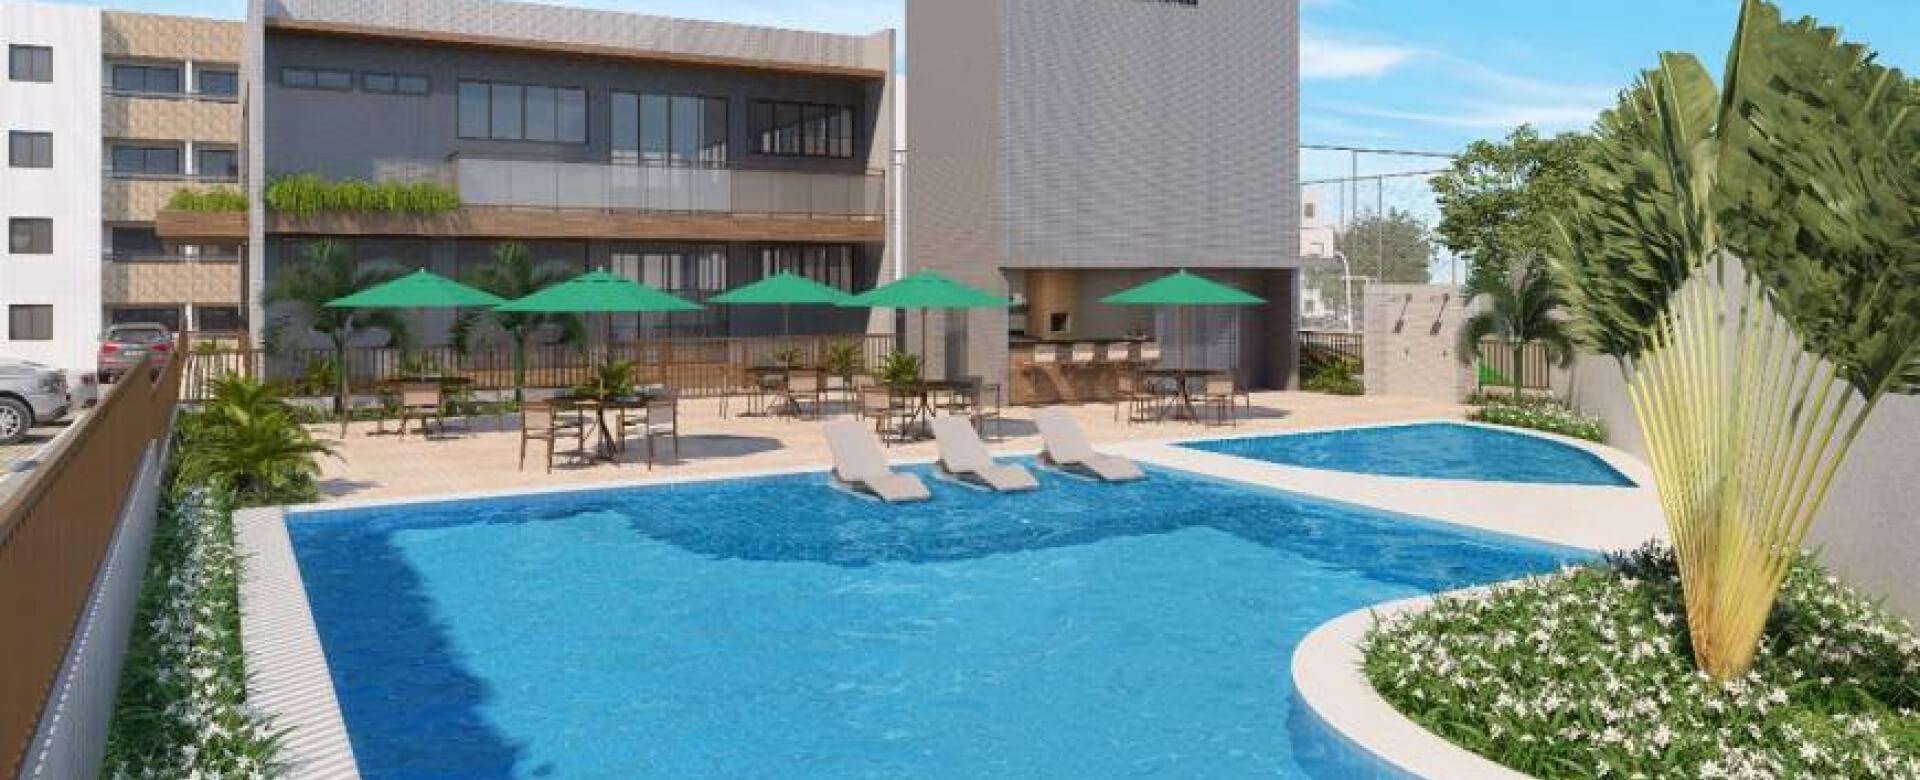 Julita Formiga Condomínio Residencial, foto 1